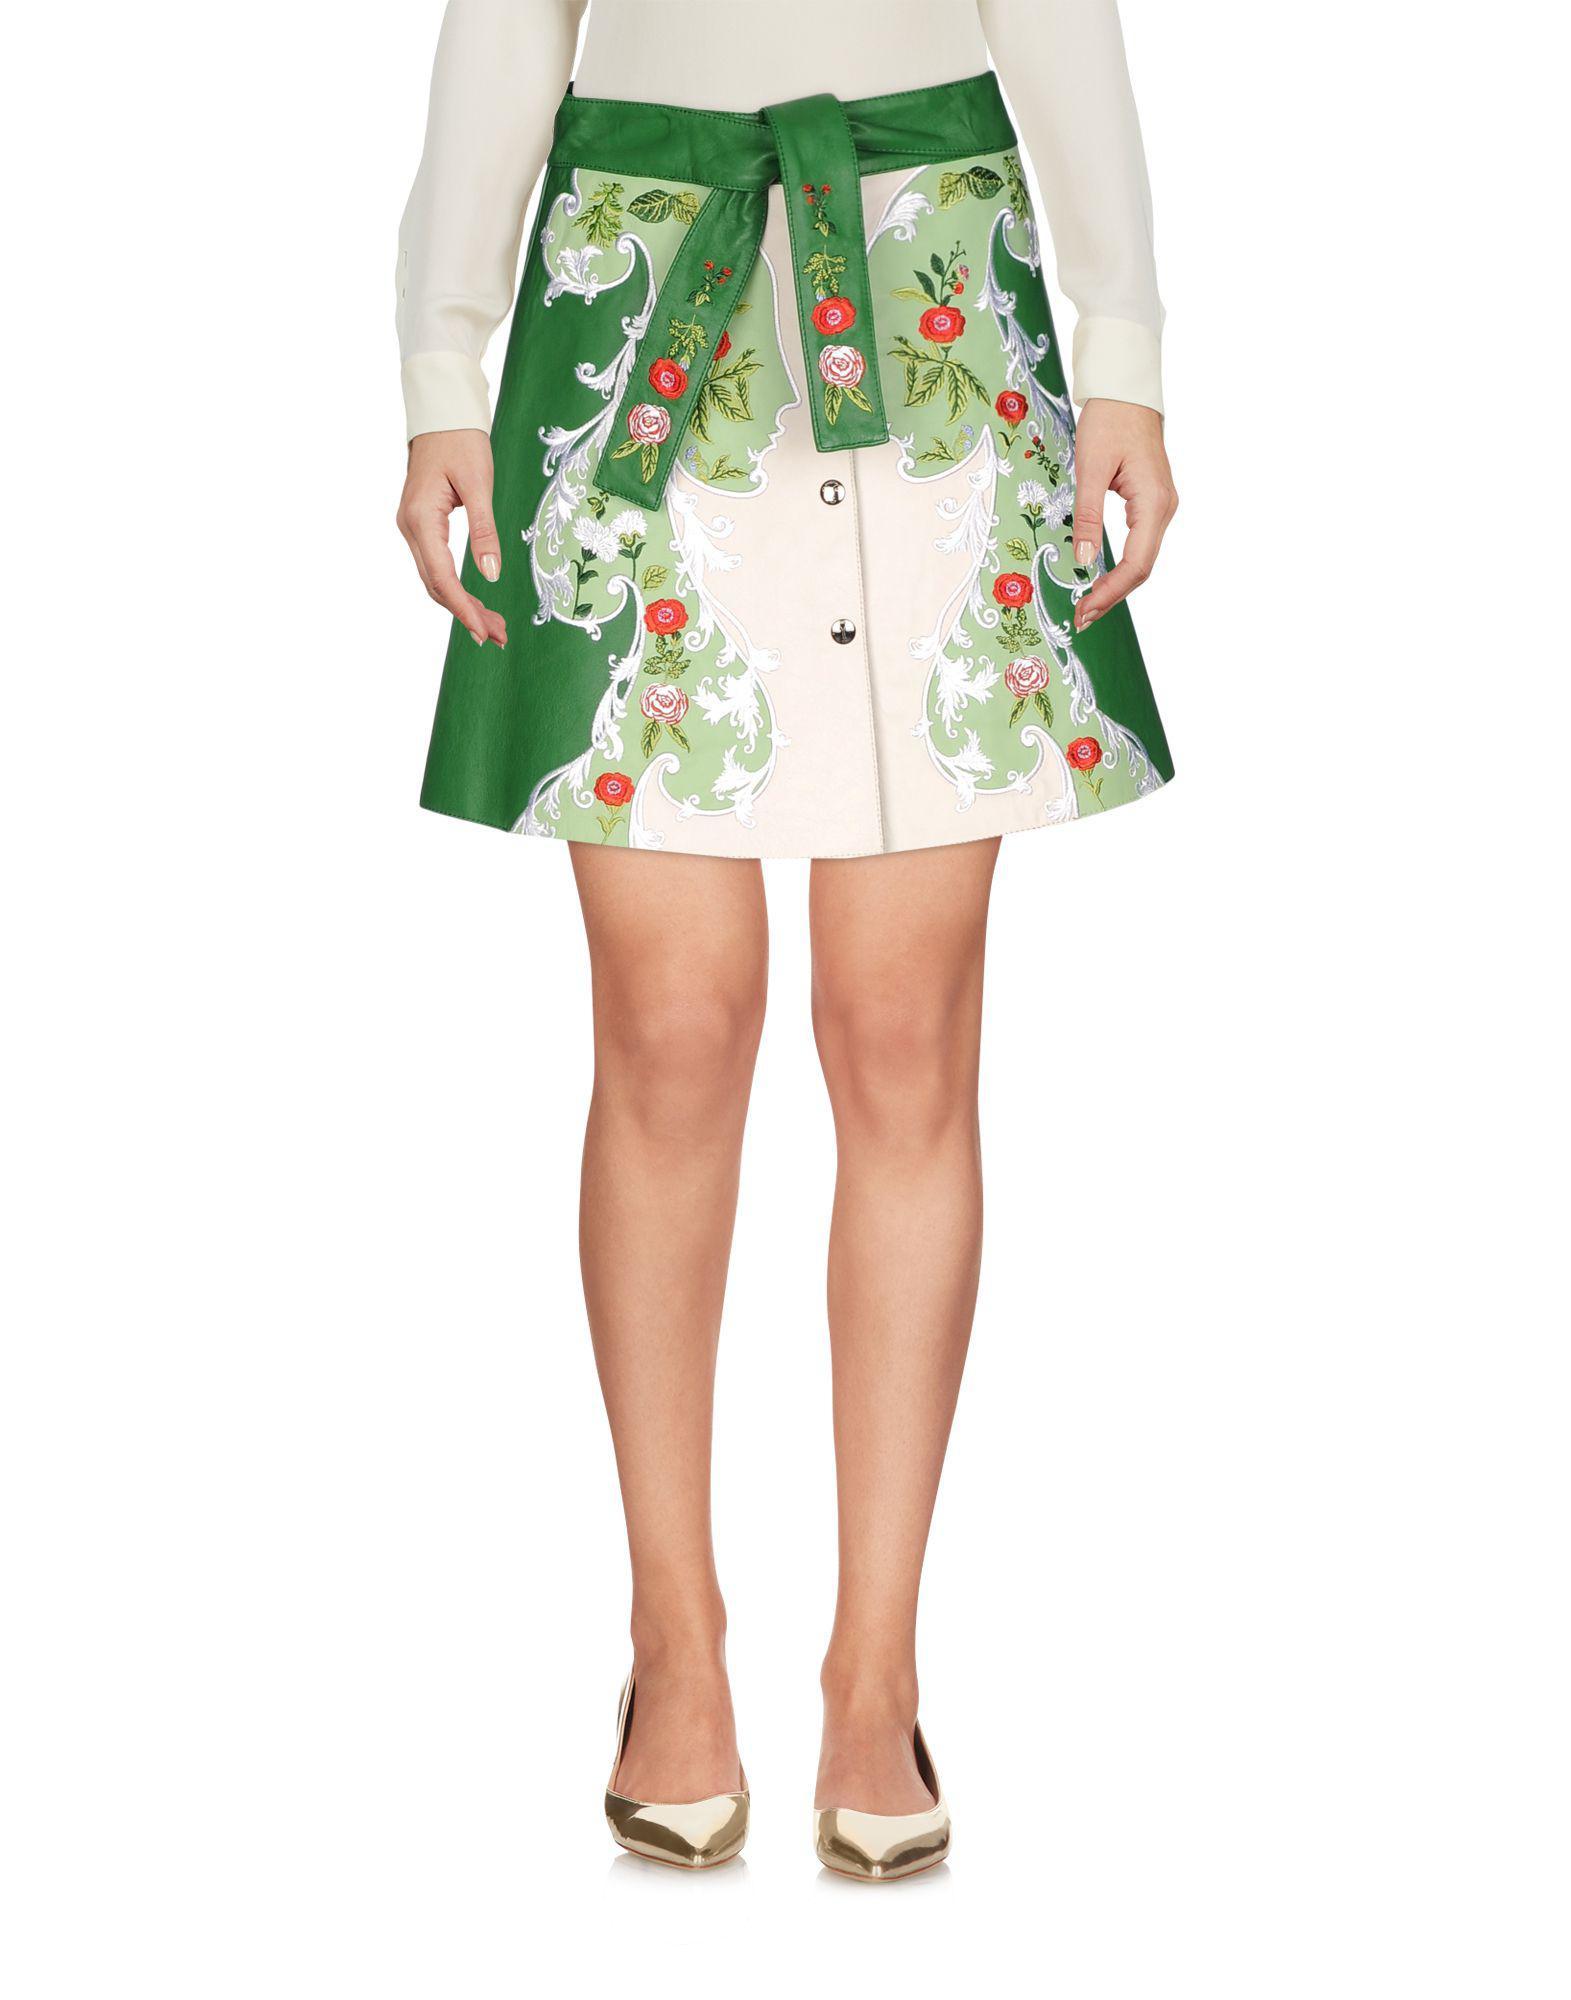 c2c7f15374 Lyst - Vivetta Mini Skirt in Green